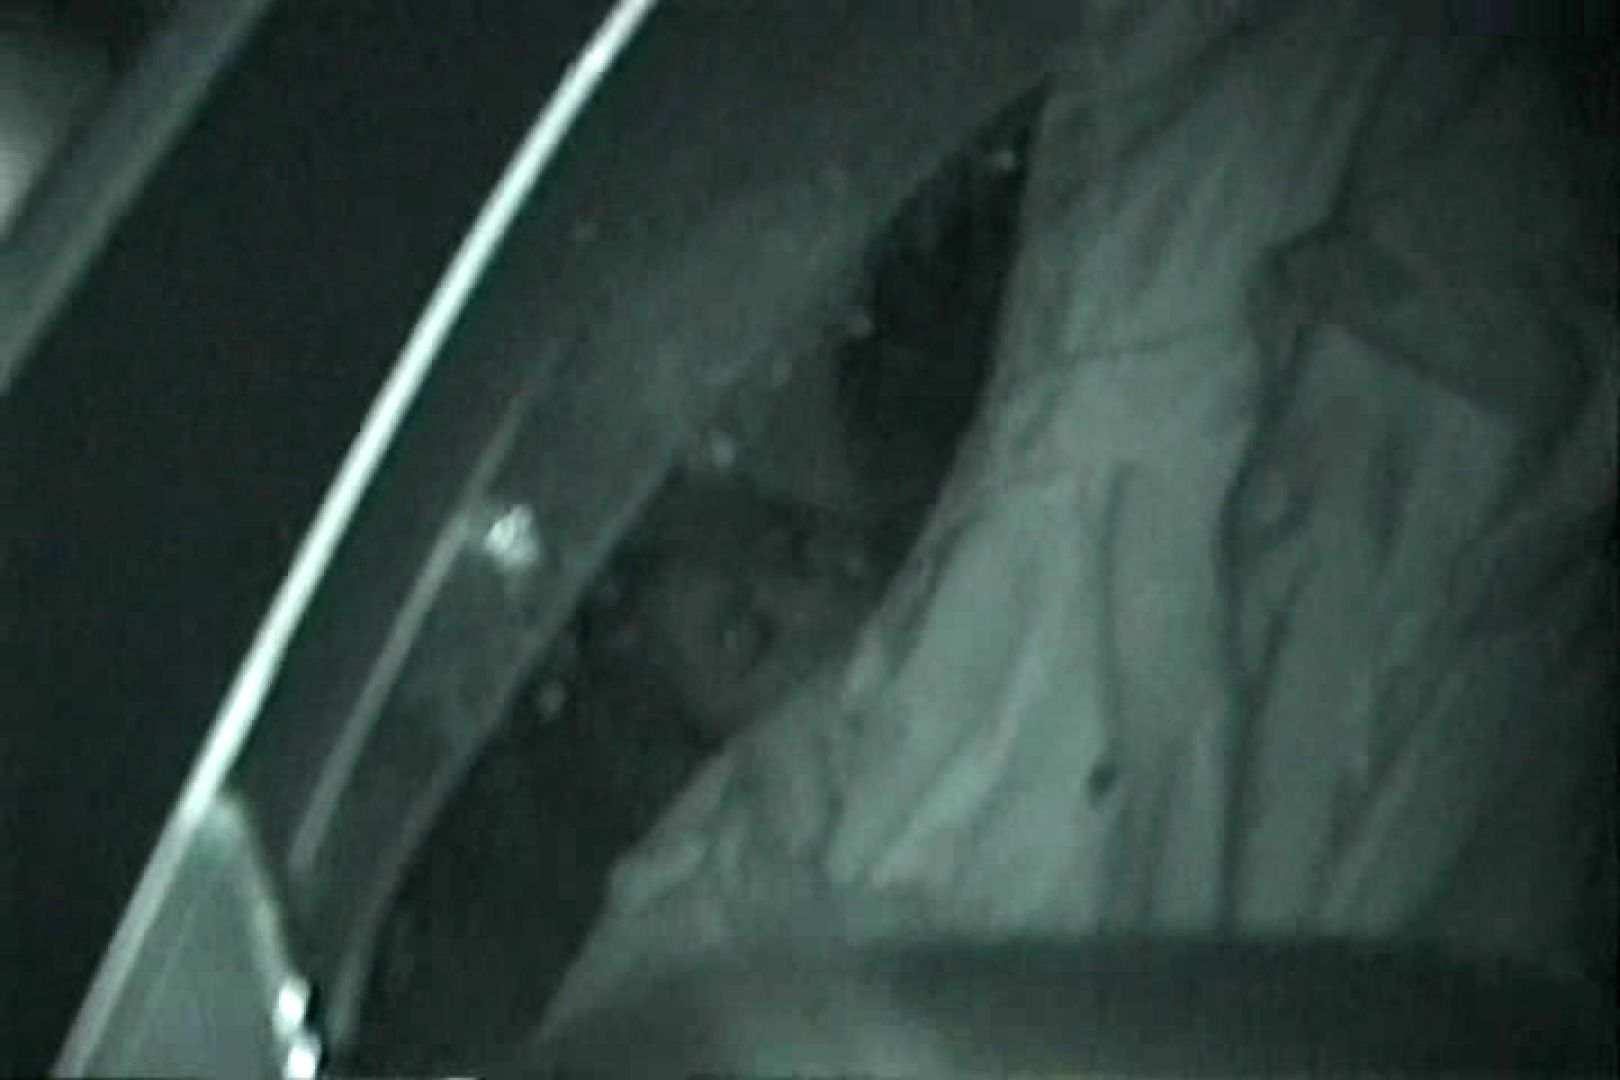 充血監督の深夜の運動会Vol.128 赤外線 のぞき動画画像 50PICs 10